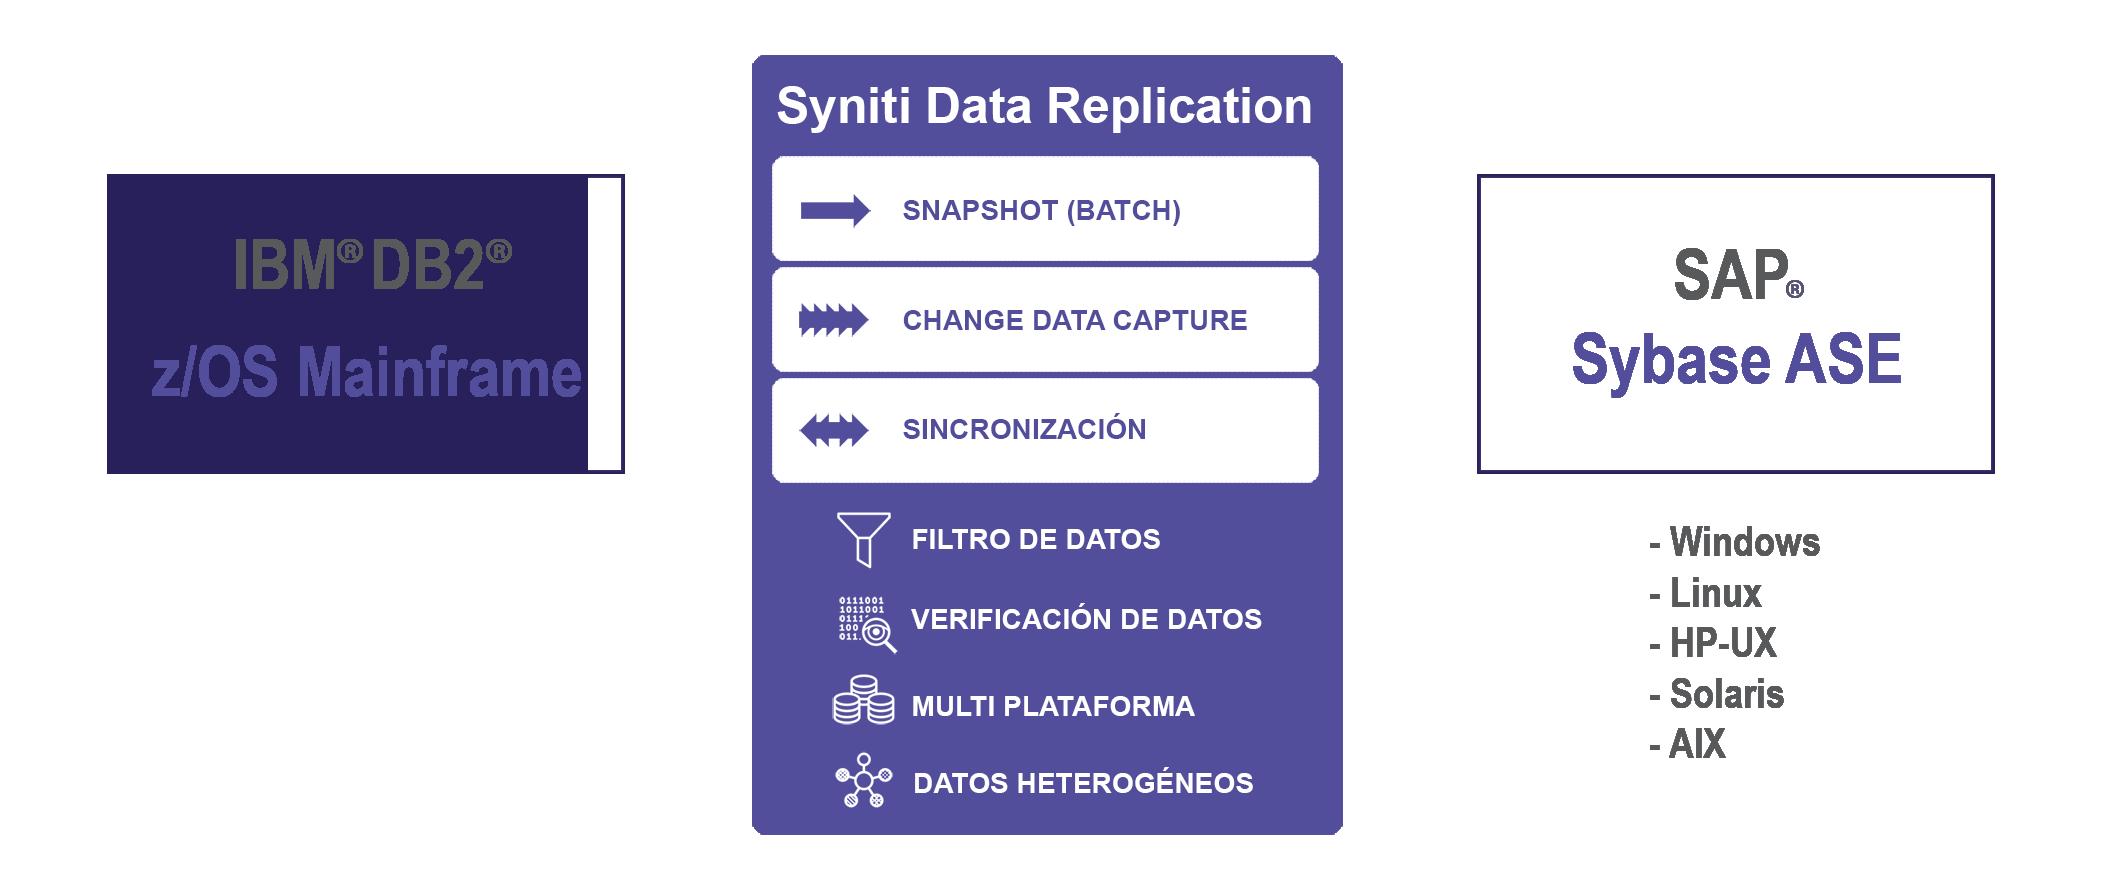 Replicacion de datos DB2 zOS a SAP ASE Sybase